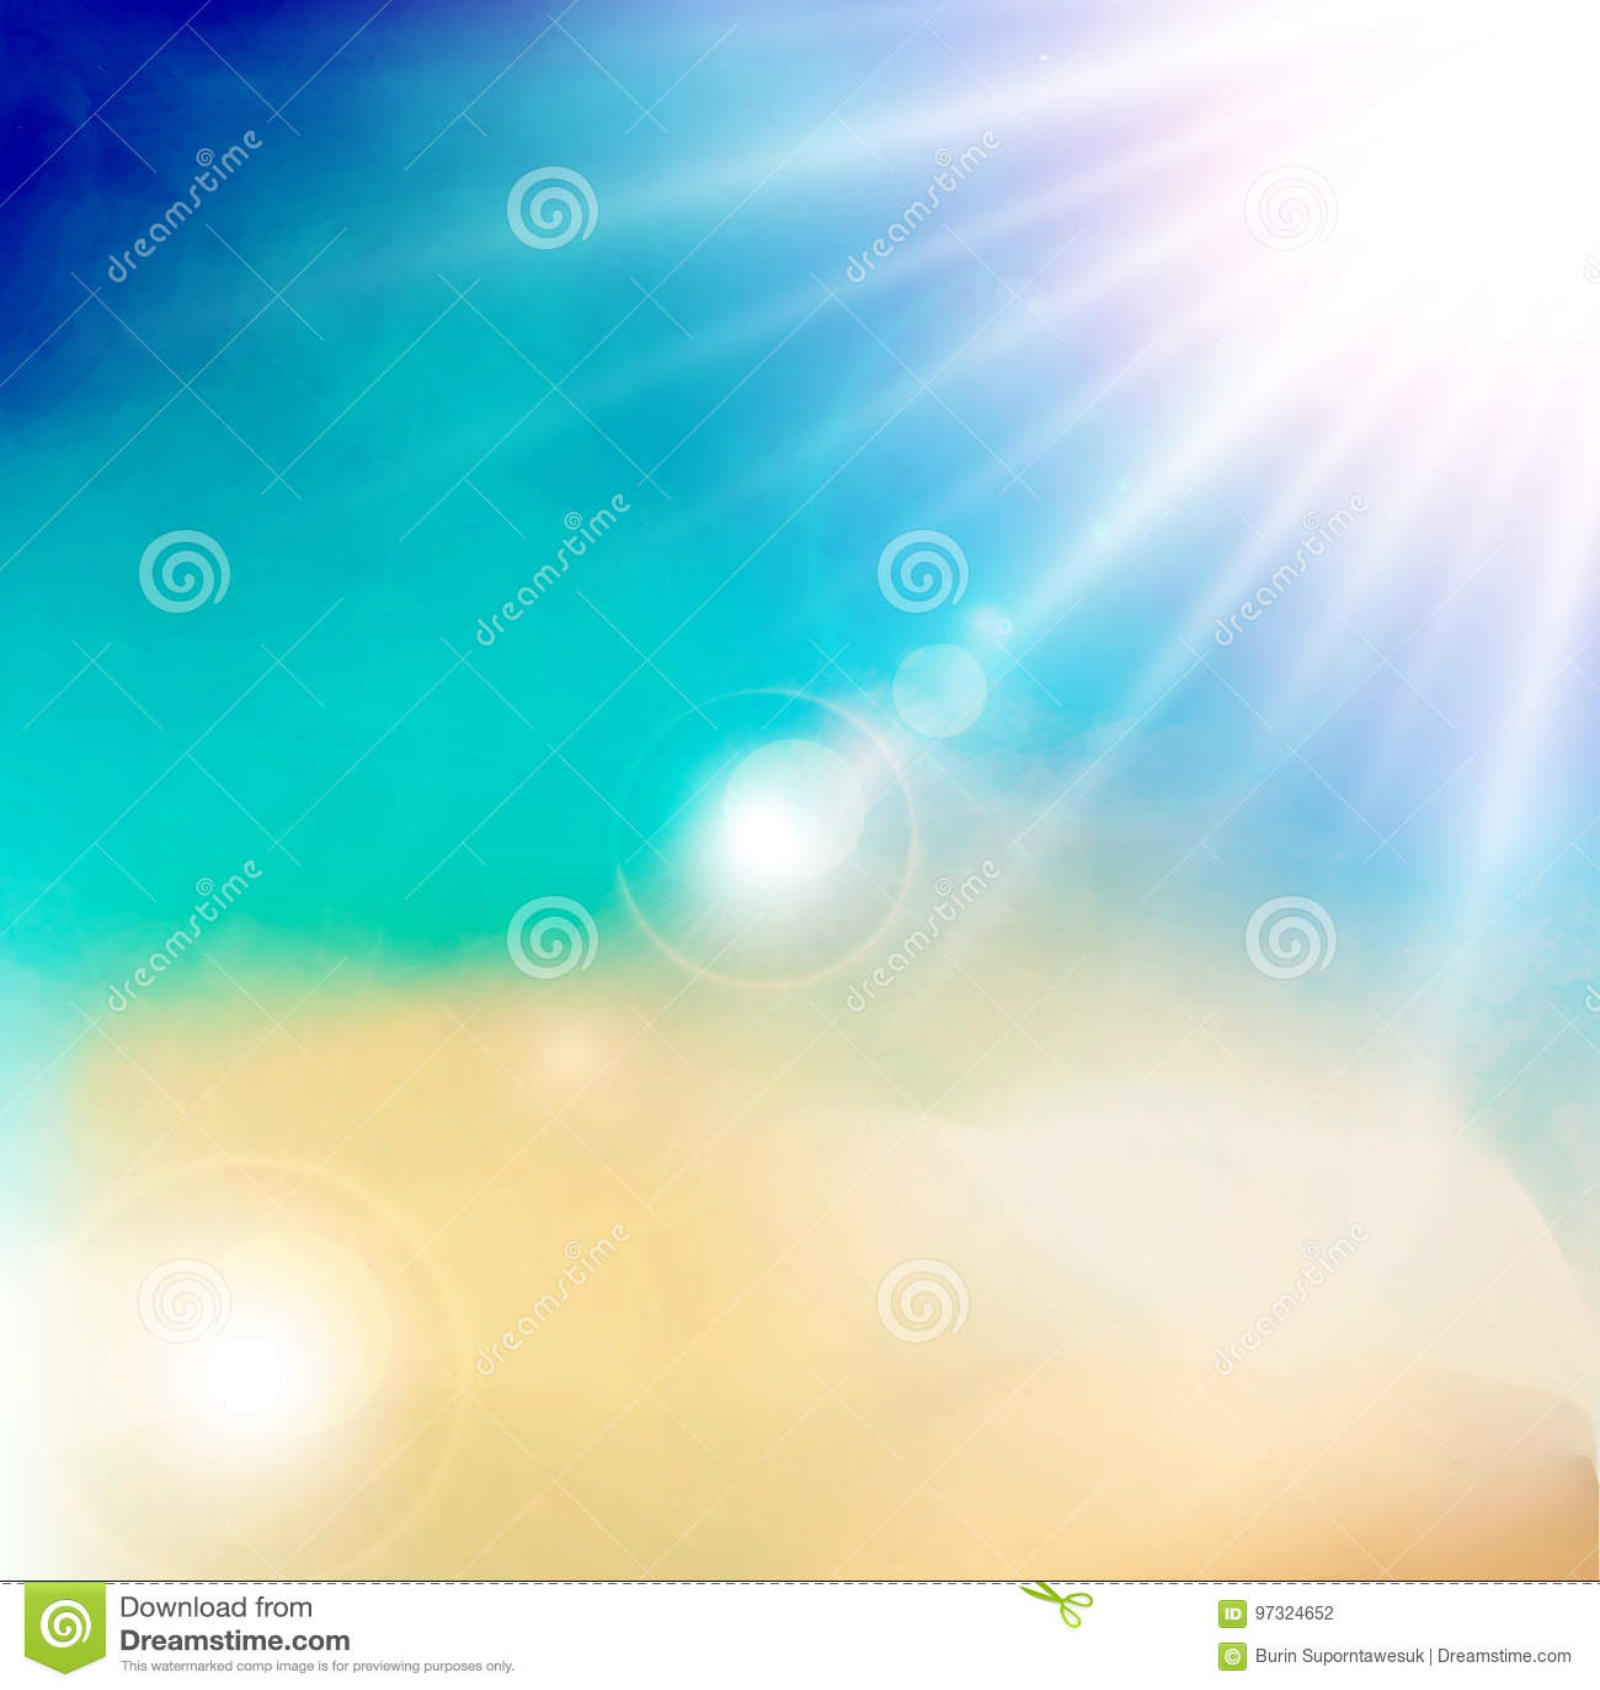 Detalhe branco da nuvem no céu azul com mal da luz do dia da luz do sol